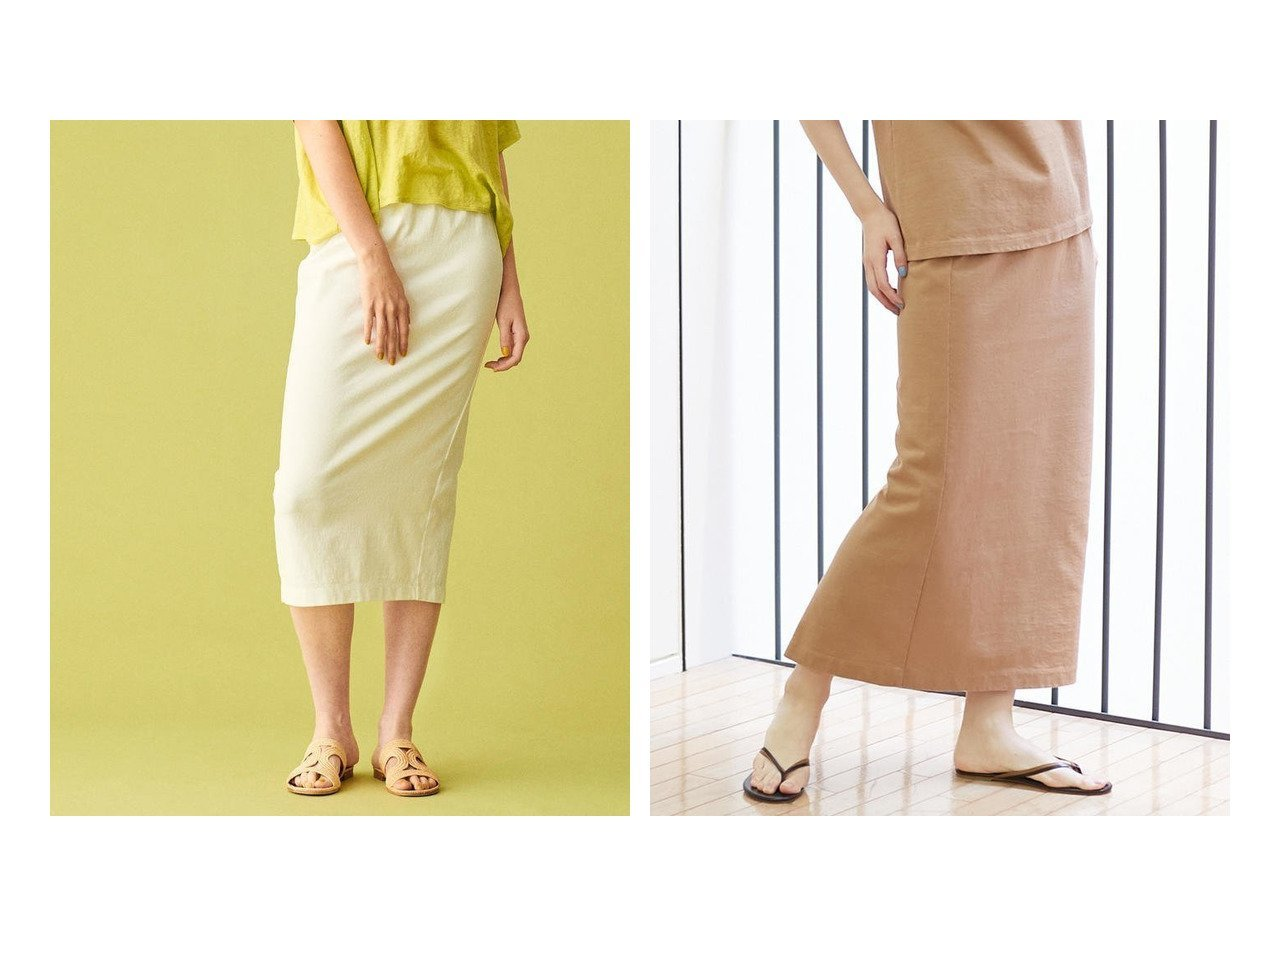 【GALERIE VIE / TOMORROWLAND/ギャルリー ヴィー】のビンテージコットン バックスリットタイトスカート スカートのおすすめ!人気、トレンド・レディースファッションの通販 おすすめで人気の流行・トレンド、ファッションの通販商品 メンズファッション・キッズファッション・インテリア・家具・レディースファッション・服の通販 founy(ファニー) https://founy.com/ ファッション Fashion レディースファッション WOMEN スカート Skirt バッグ Bag シンプル ジャージー スリット タイトスカート バランス フィット |ID:crp329100000024494